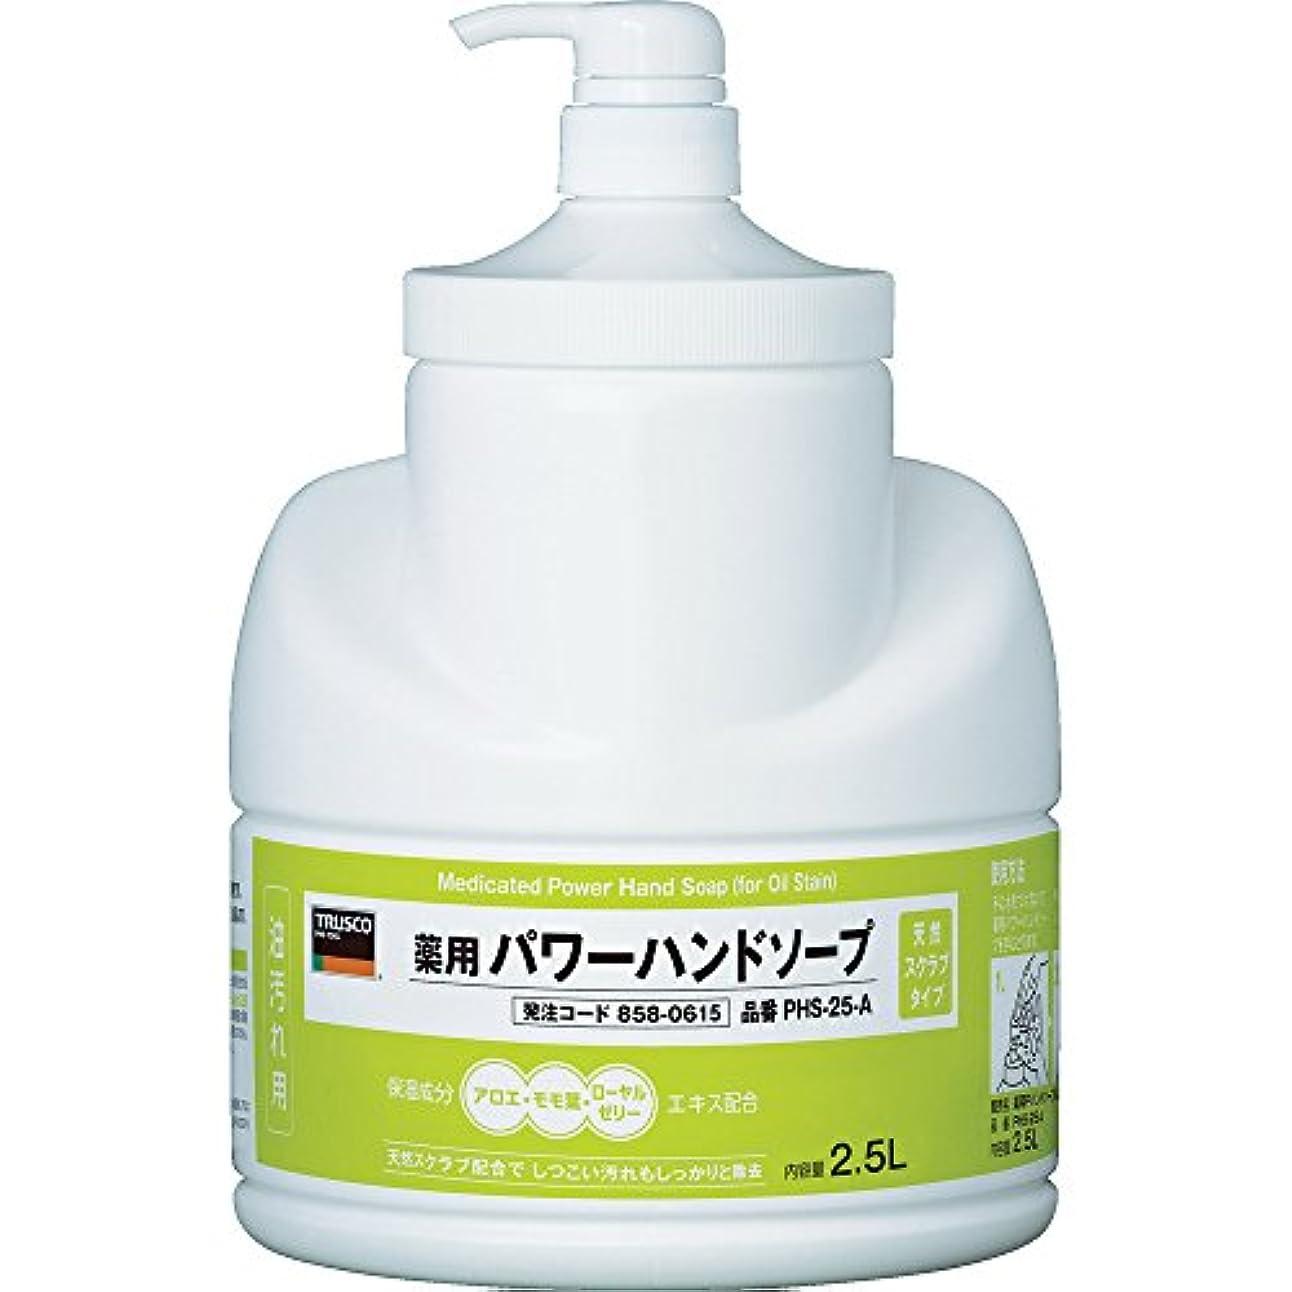 フクロウ助けになるハロウィンTRUSCO(トラスコ) 薬用パワーハンドソープポンプボトル 2.5L PHS-25-A